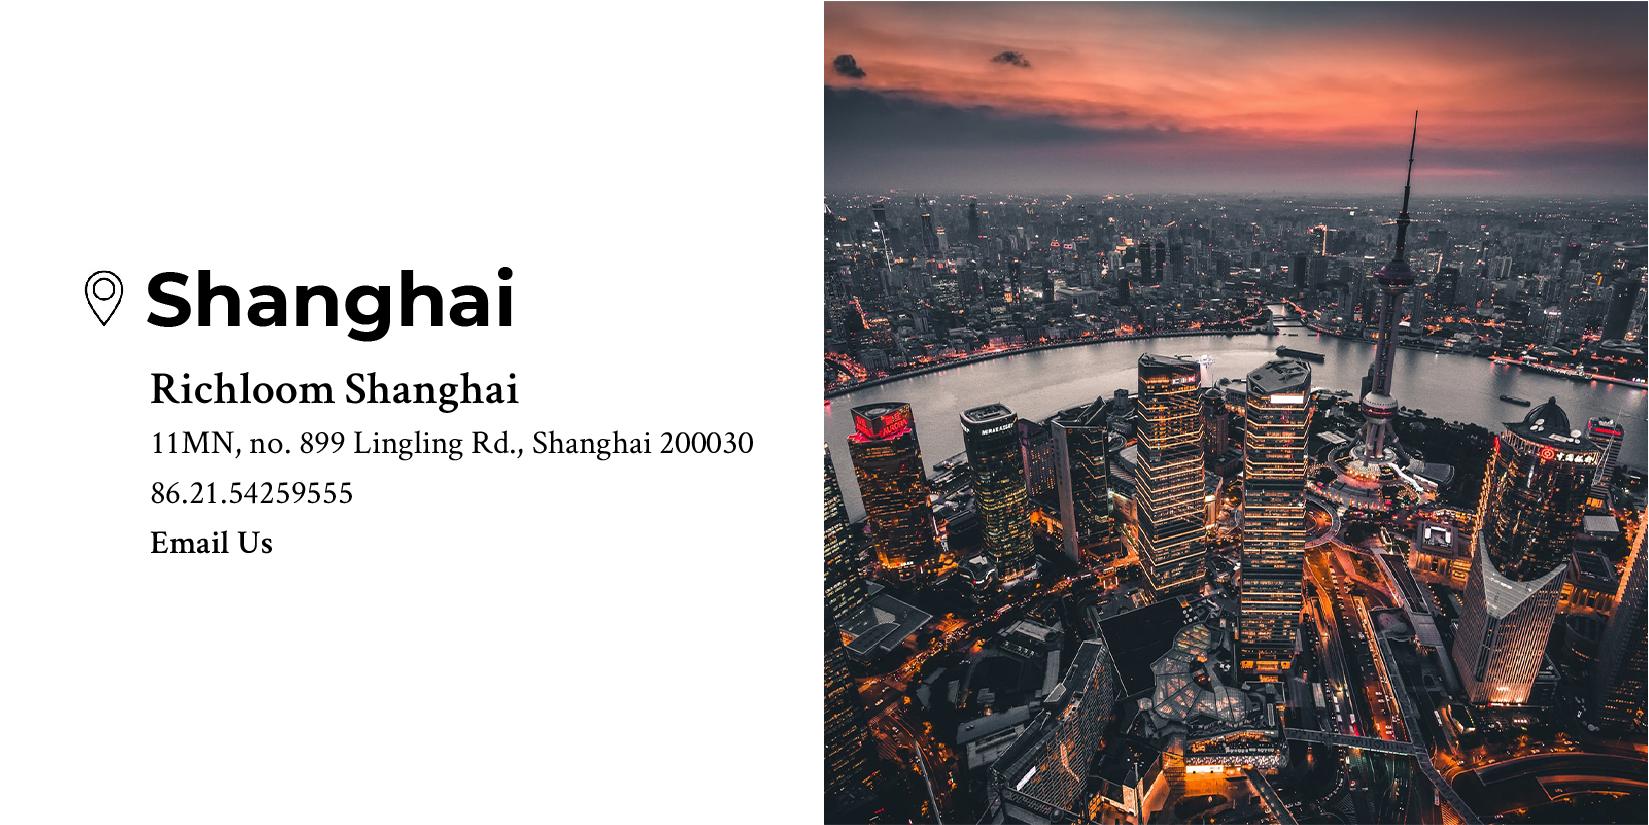 Richloom Shanghai